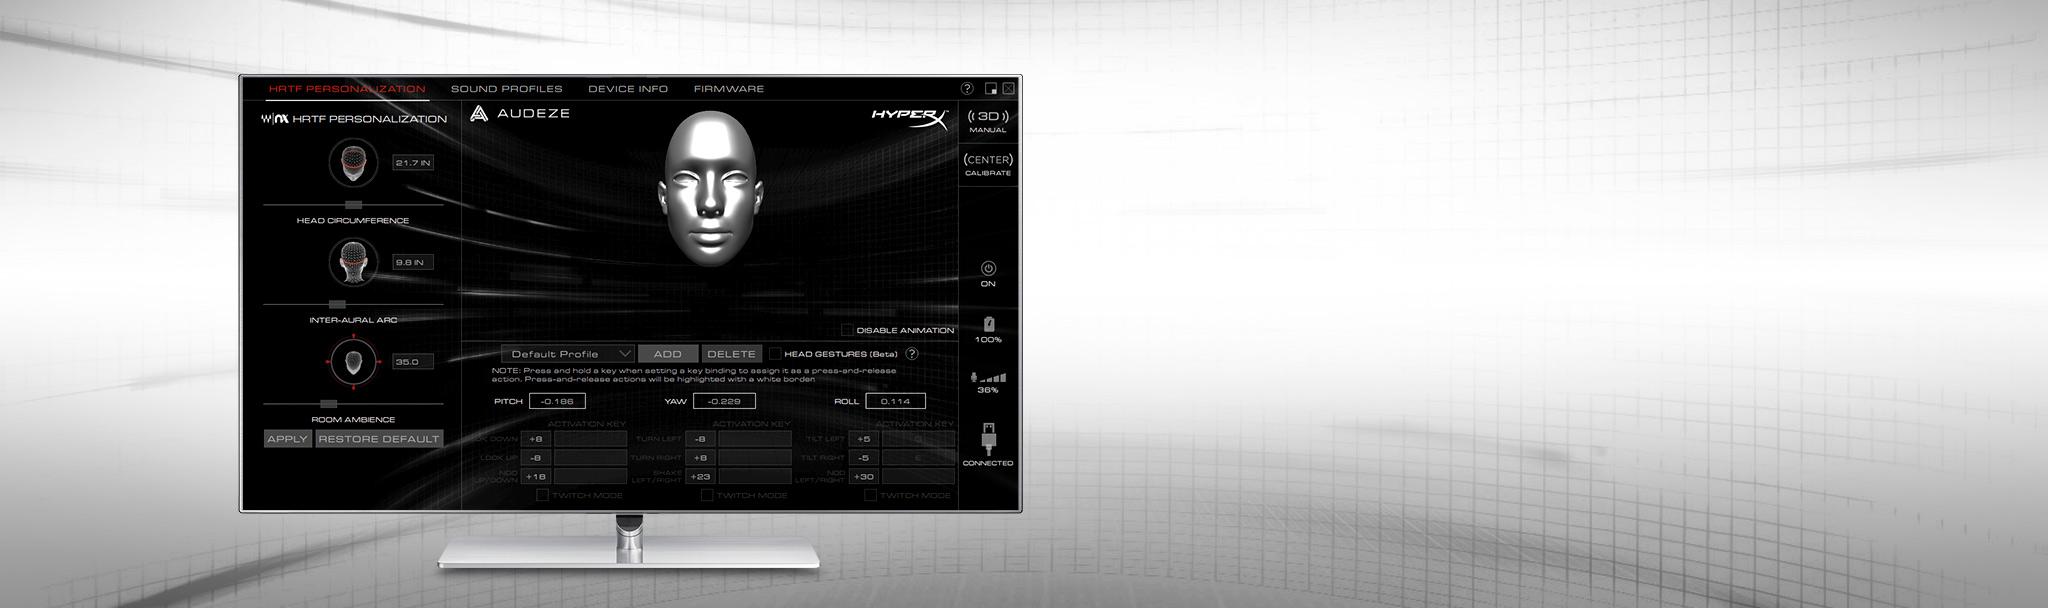 Tai nghe Kingston HyperX Cloud Orbit S Gaming Black (HX-HSCOS-GM/WW) có thể tuỳ chỉnh âm qua phần mềm